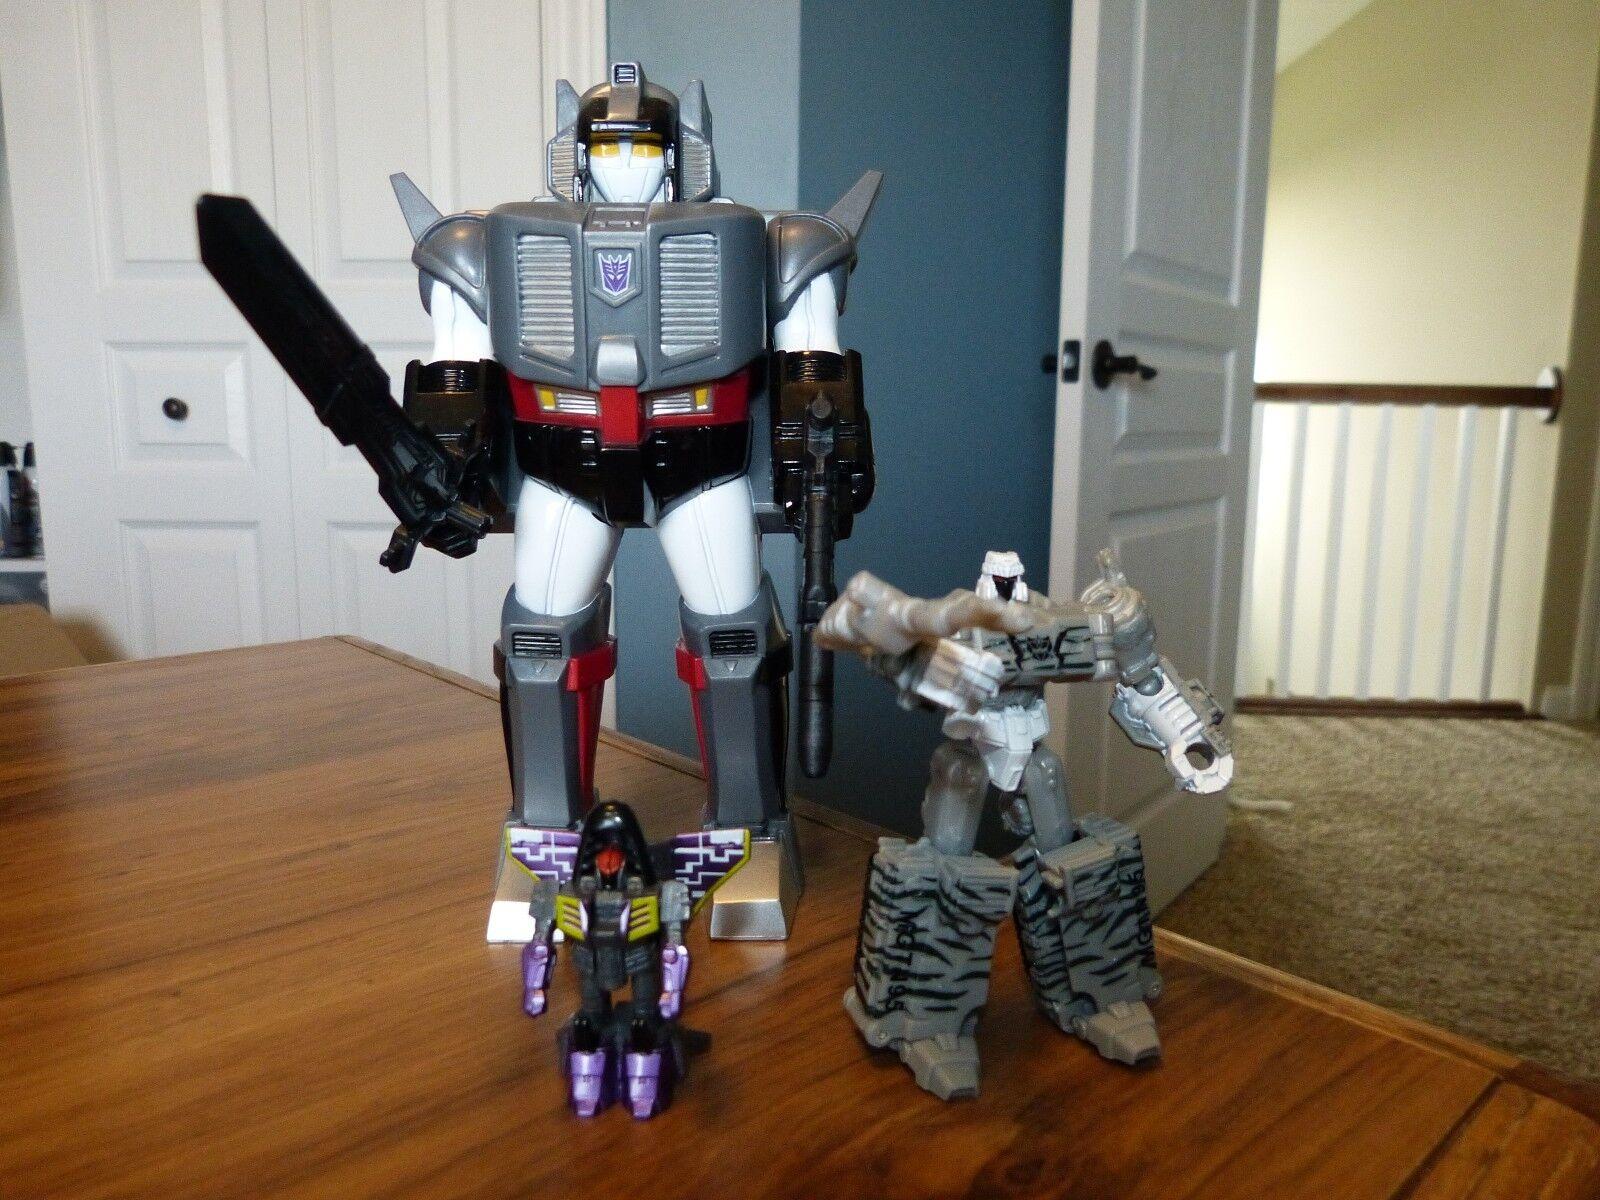 Transformers-TFCC-Service d'abonnement 5.0 - Megatron avec a